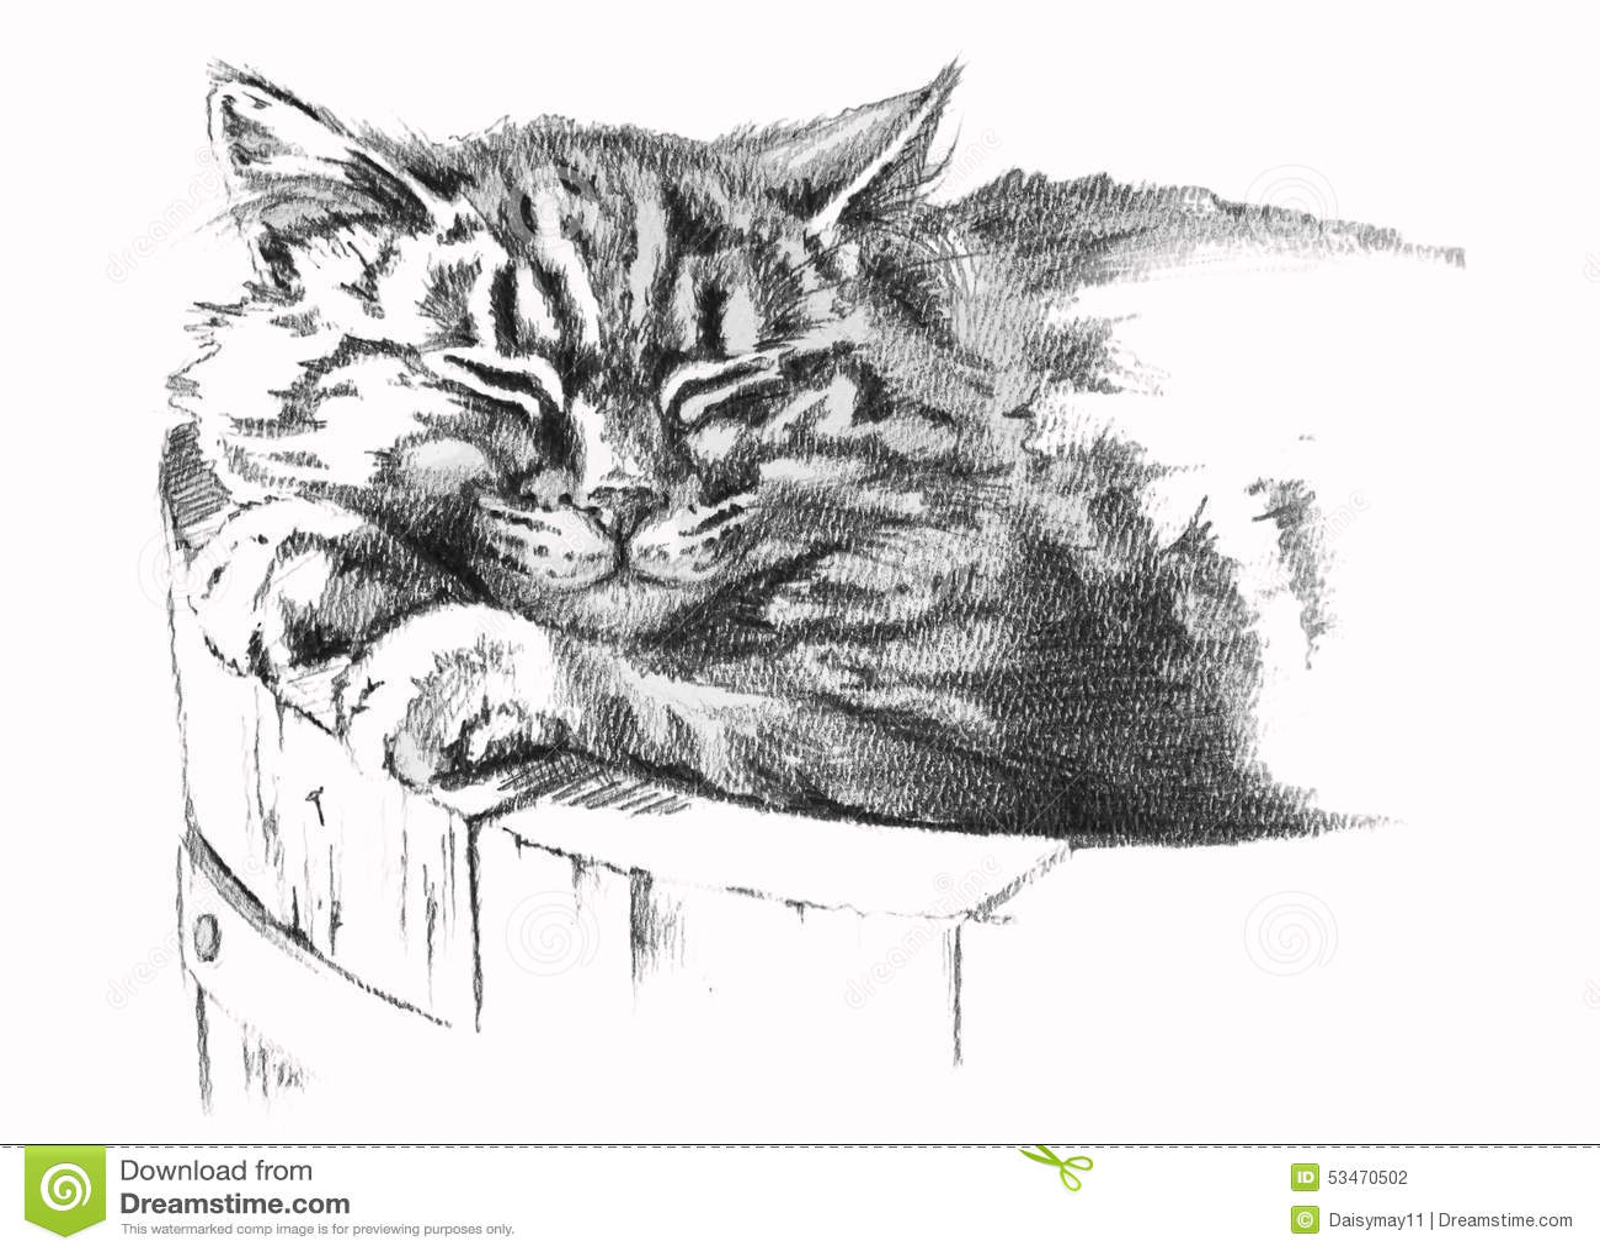 bleistift zeichnung der katze stock abbildung bild 53470502. Black Bedroom Furniture Sets. Home Design Ideas